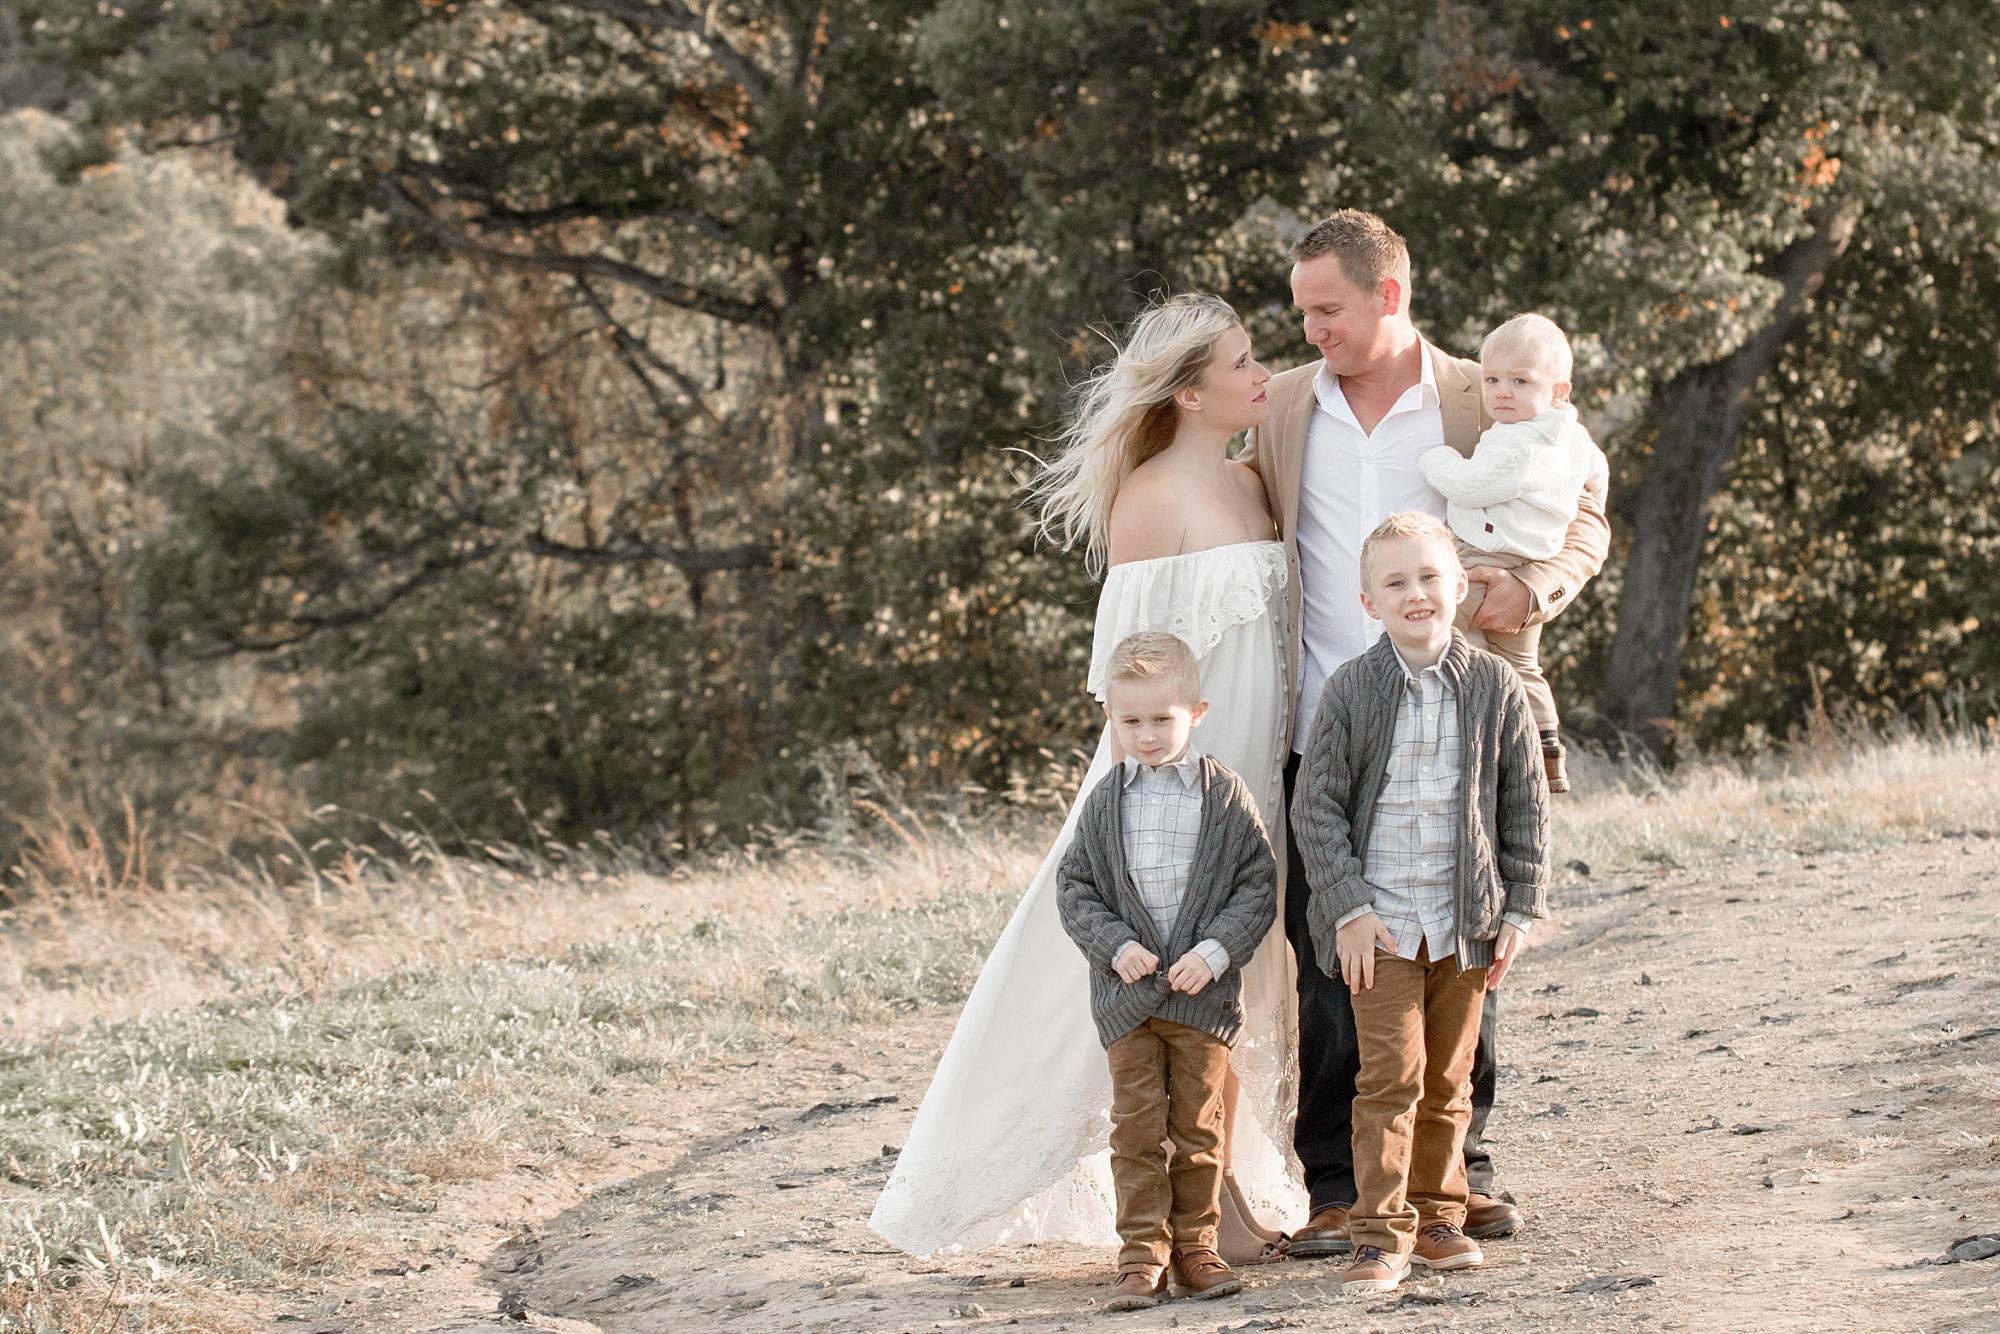 2 Posing Ideas For Your Outdoor Family Photos